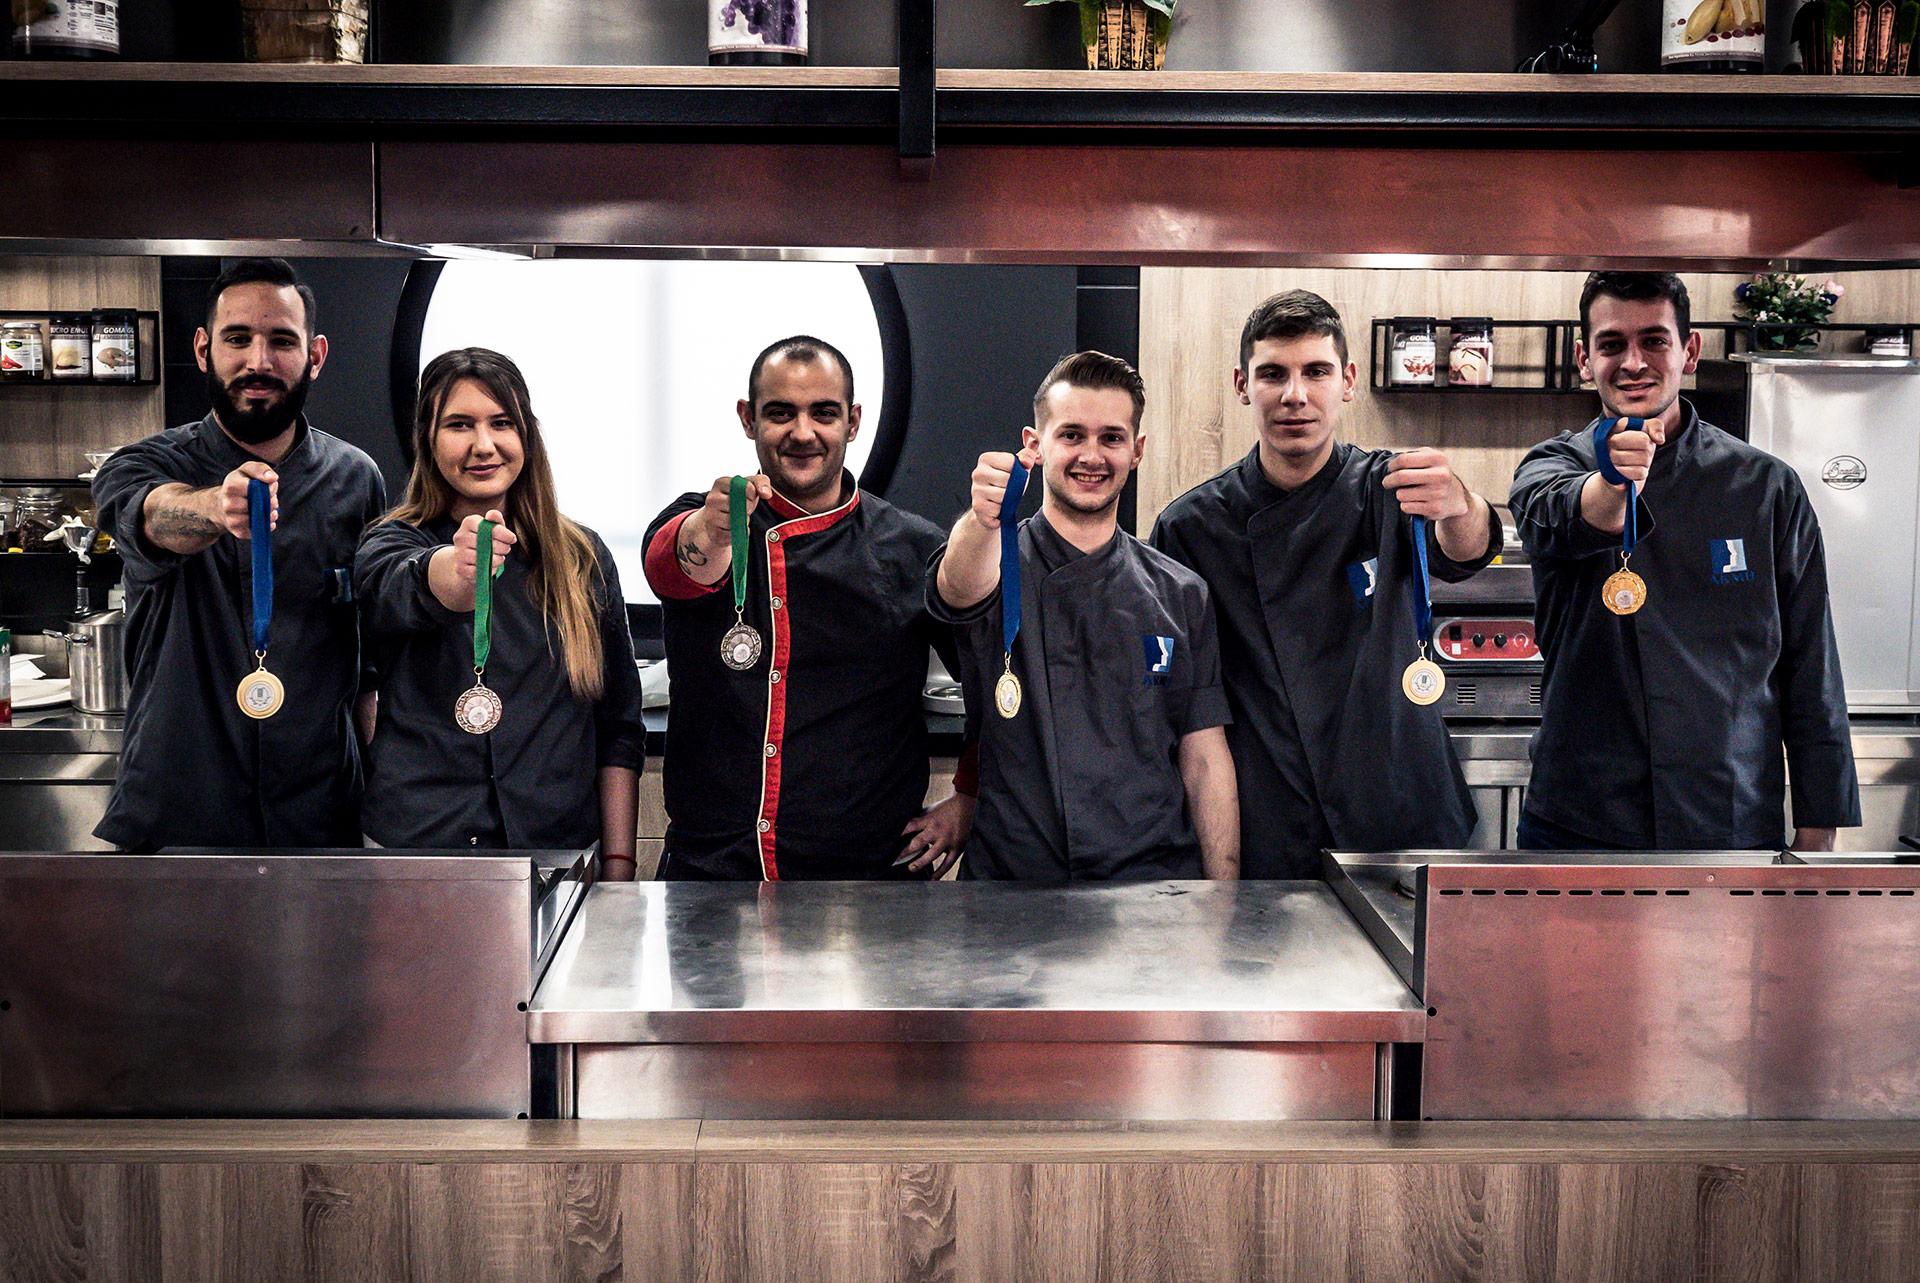 Το «ΙΕΚ ΑΚΜΗ» πρώτο σε συνολικό αριθμό μεταλλίων και σε χρυσά στον Πανελλήνιο Διαγωνισμό Μαγειρικής GREEK CHEF 2018